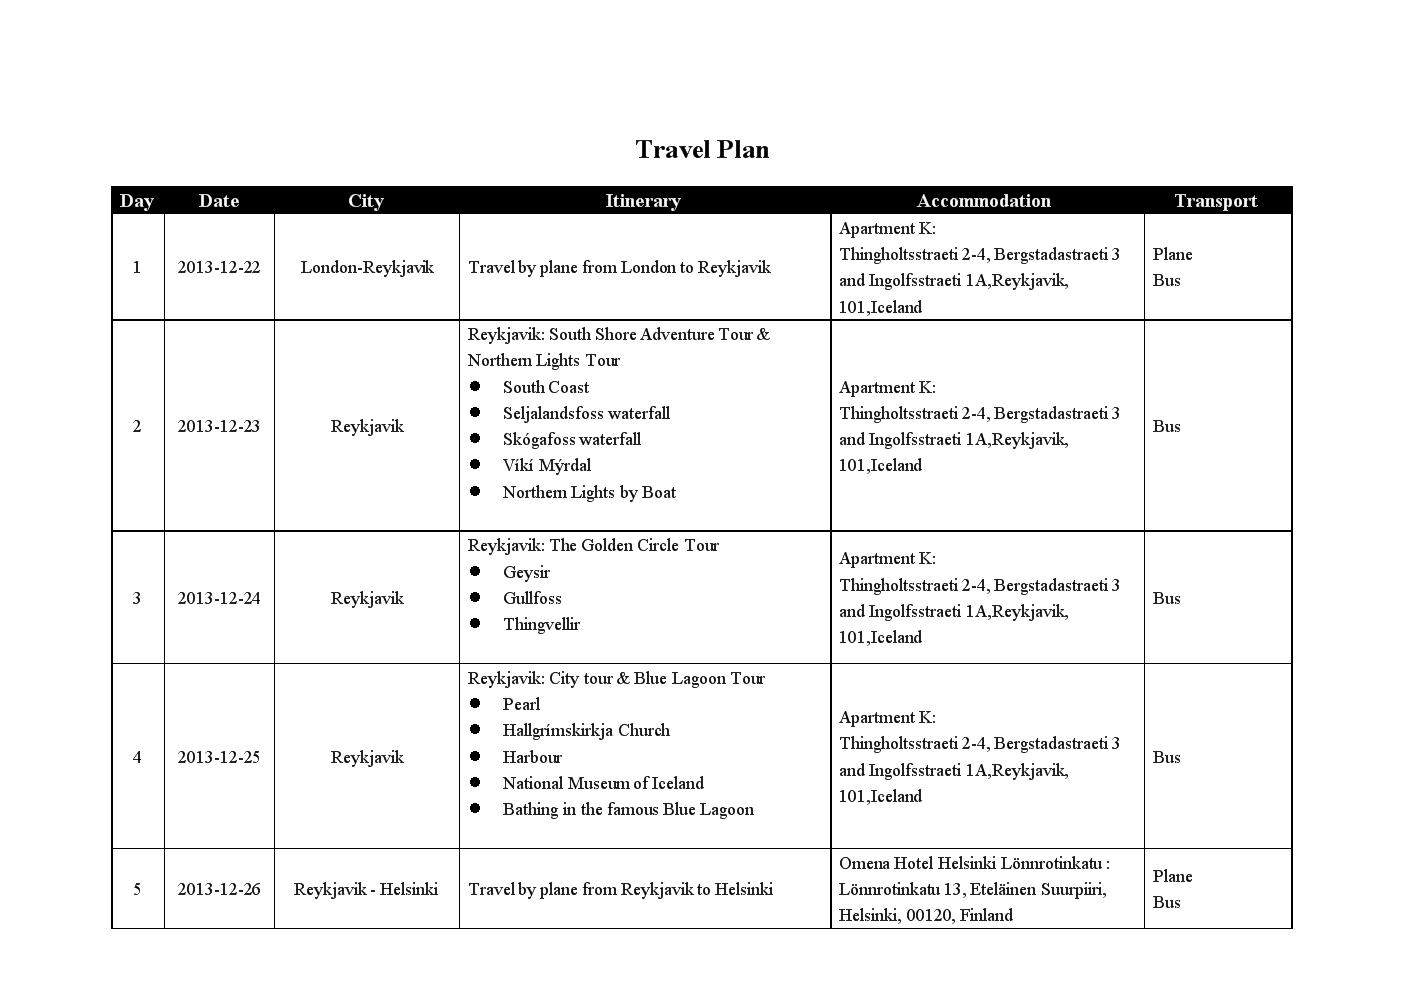 申根签证旅行计划模板TravelPlan.doc